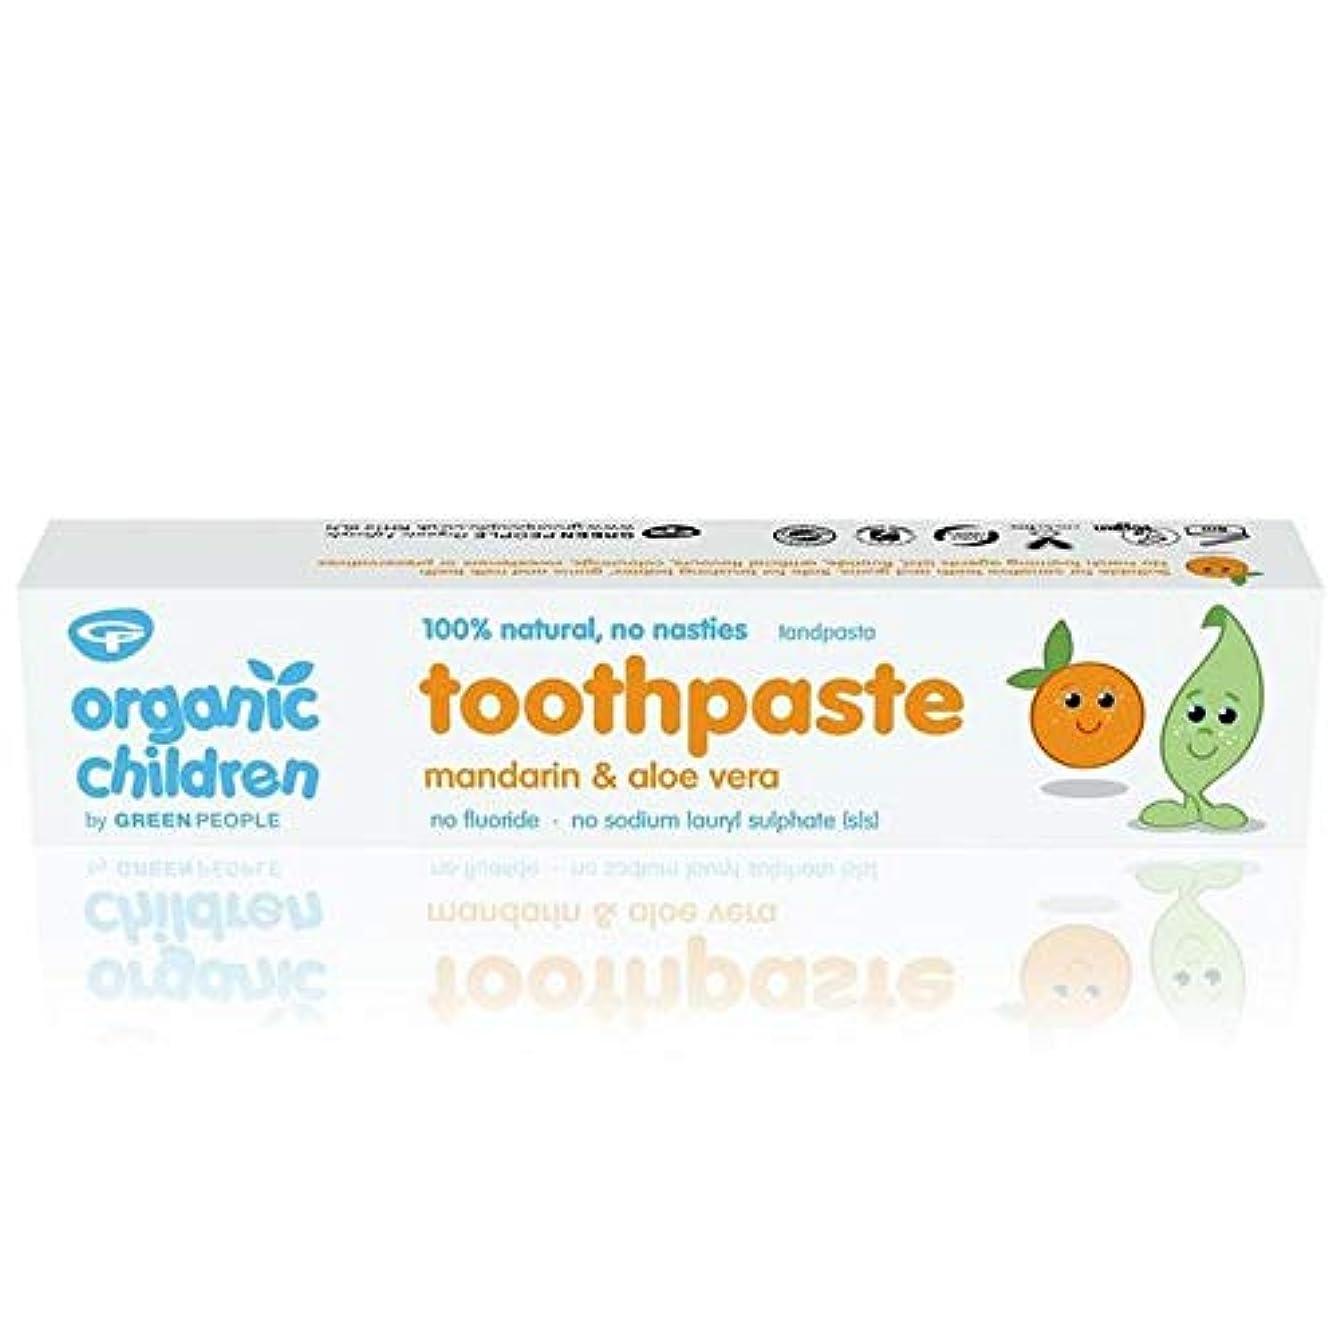 聖職者ゴミ箱を空にするアスリート[Organic Children ] 有機子供の歯磨き粉、マンダリン50ミリリットル - Organic Children Toothpaste, Mandarin 50ml [並行輸入品]